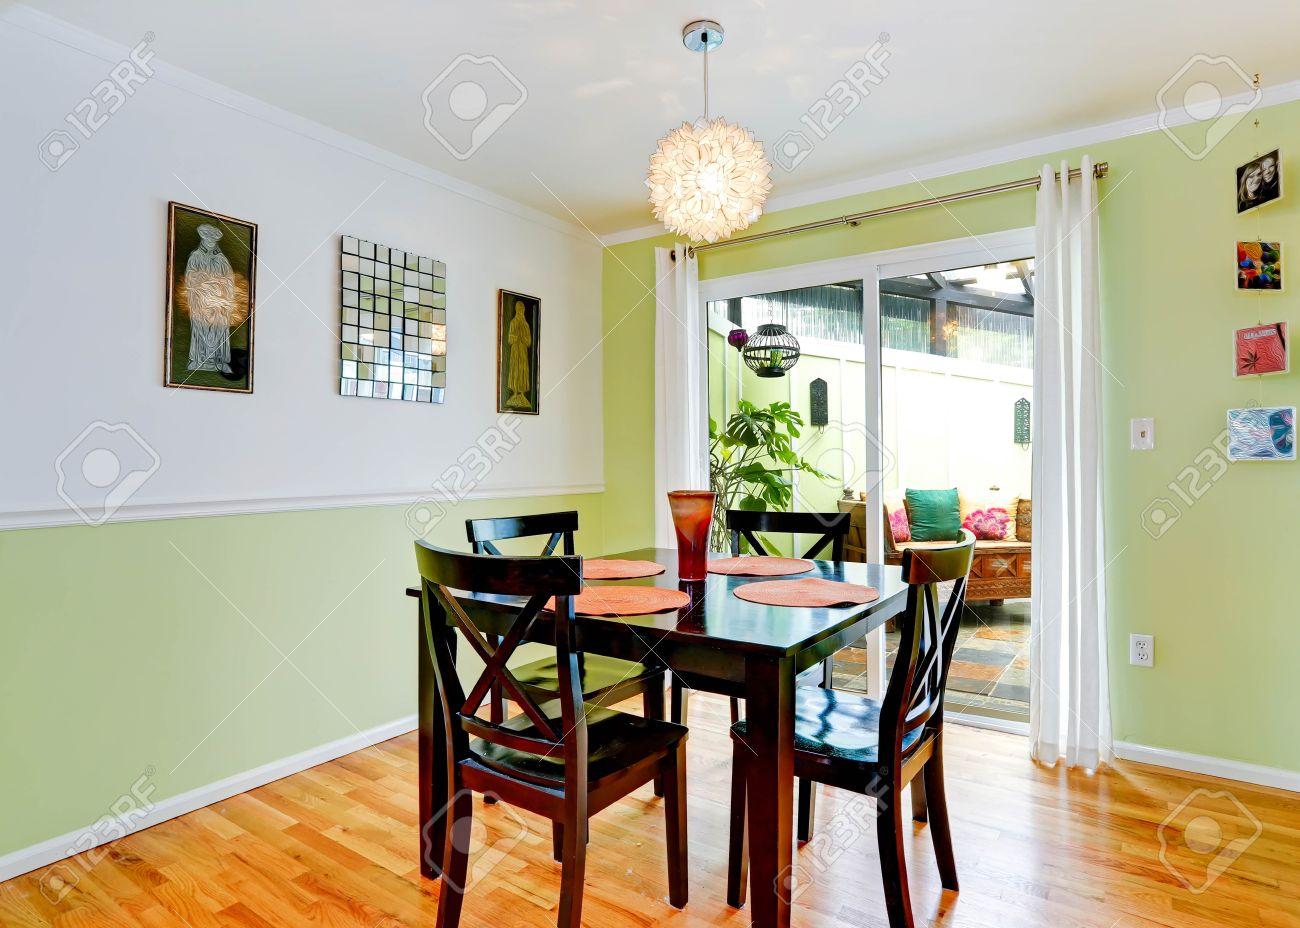 Cozy Salle A Manger Avec Murs Blancs Et De Menthe De Couleur Brun Fonce Avec Jeu De Table A Manger Chambre Dispose De La Sortie A La Cour